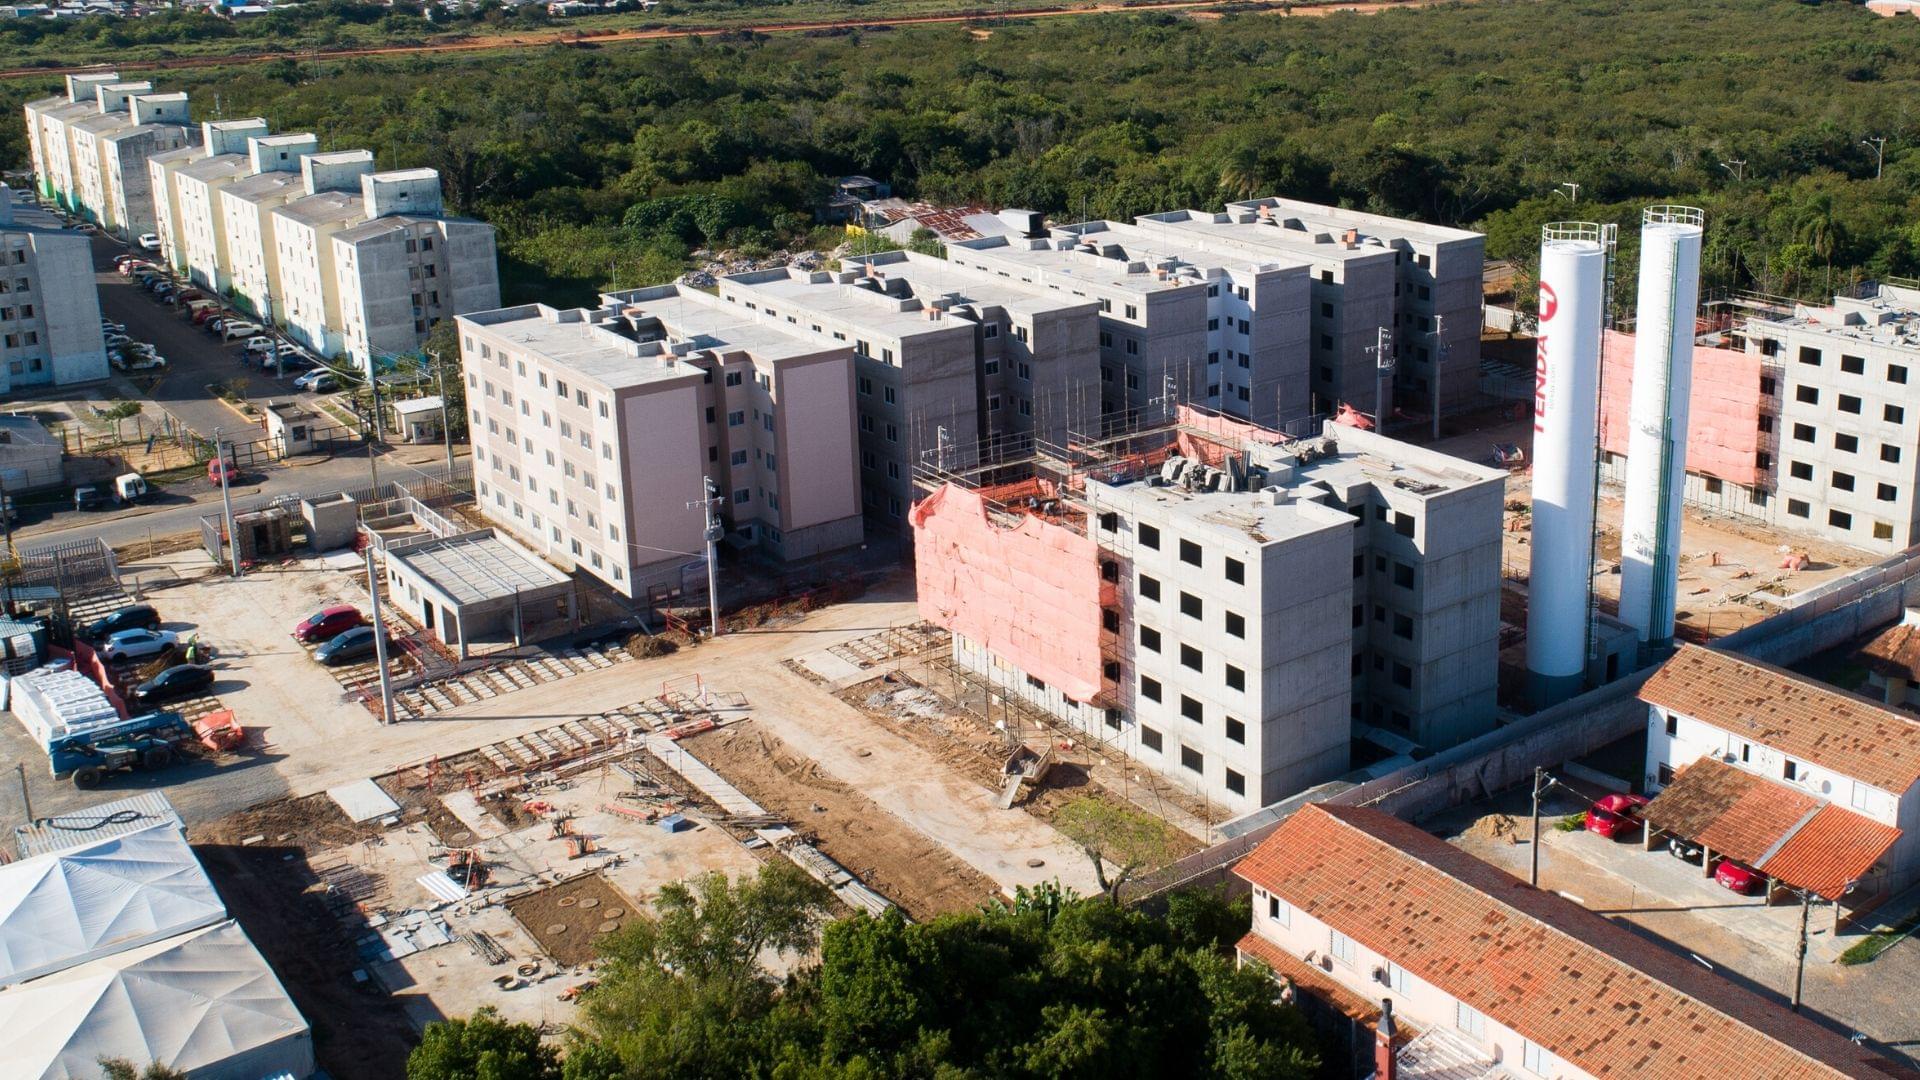 Fotos de obras no empreendimento Nova Primavera I   Canoas   RS   foto 1   tenda.com